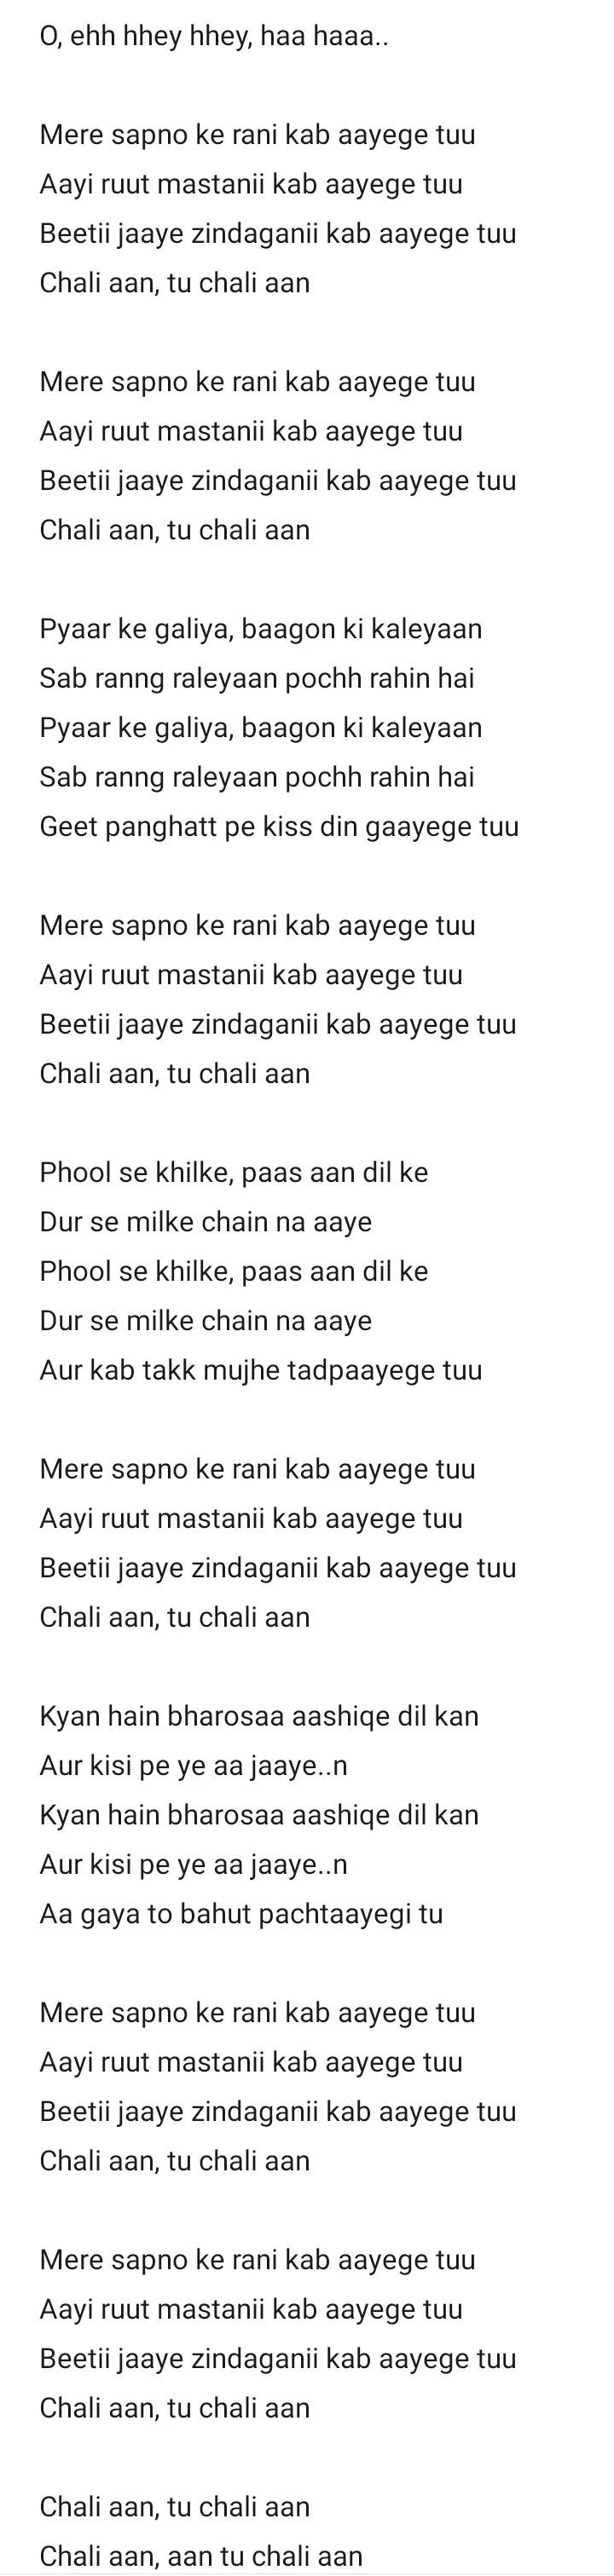 Mere sapnon ki Rani kab aaegi tu lyrics - Kishore Kumar | Aradhana